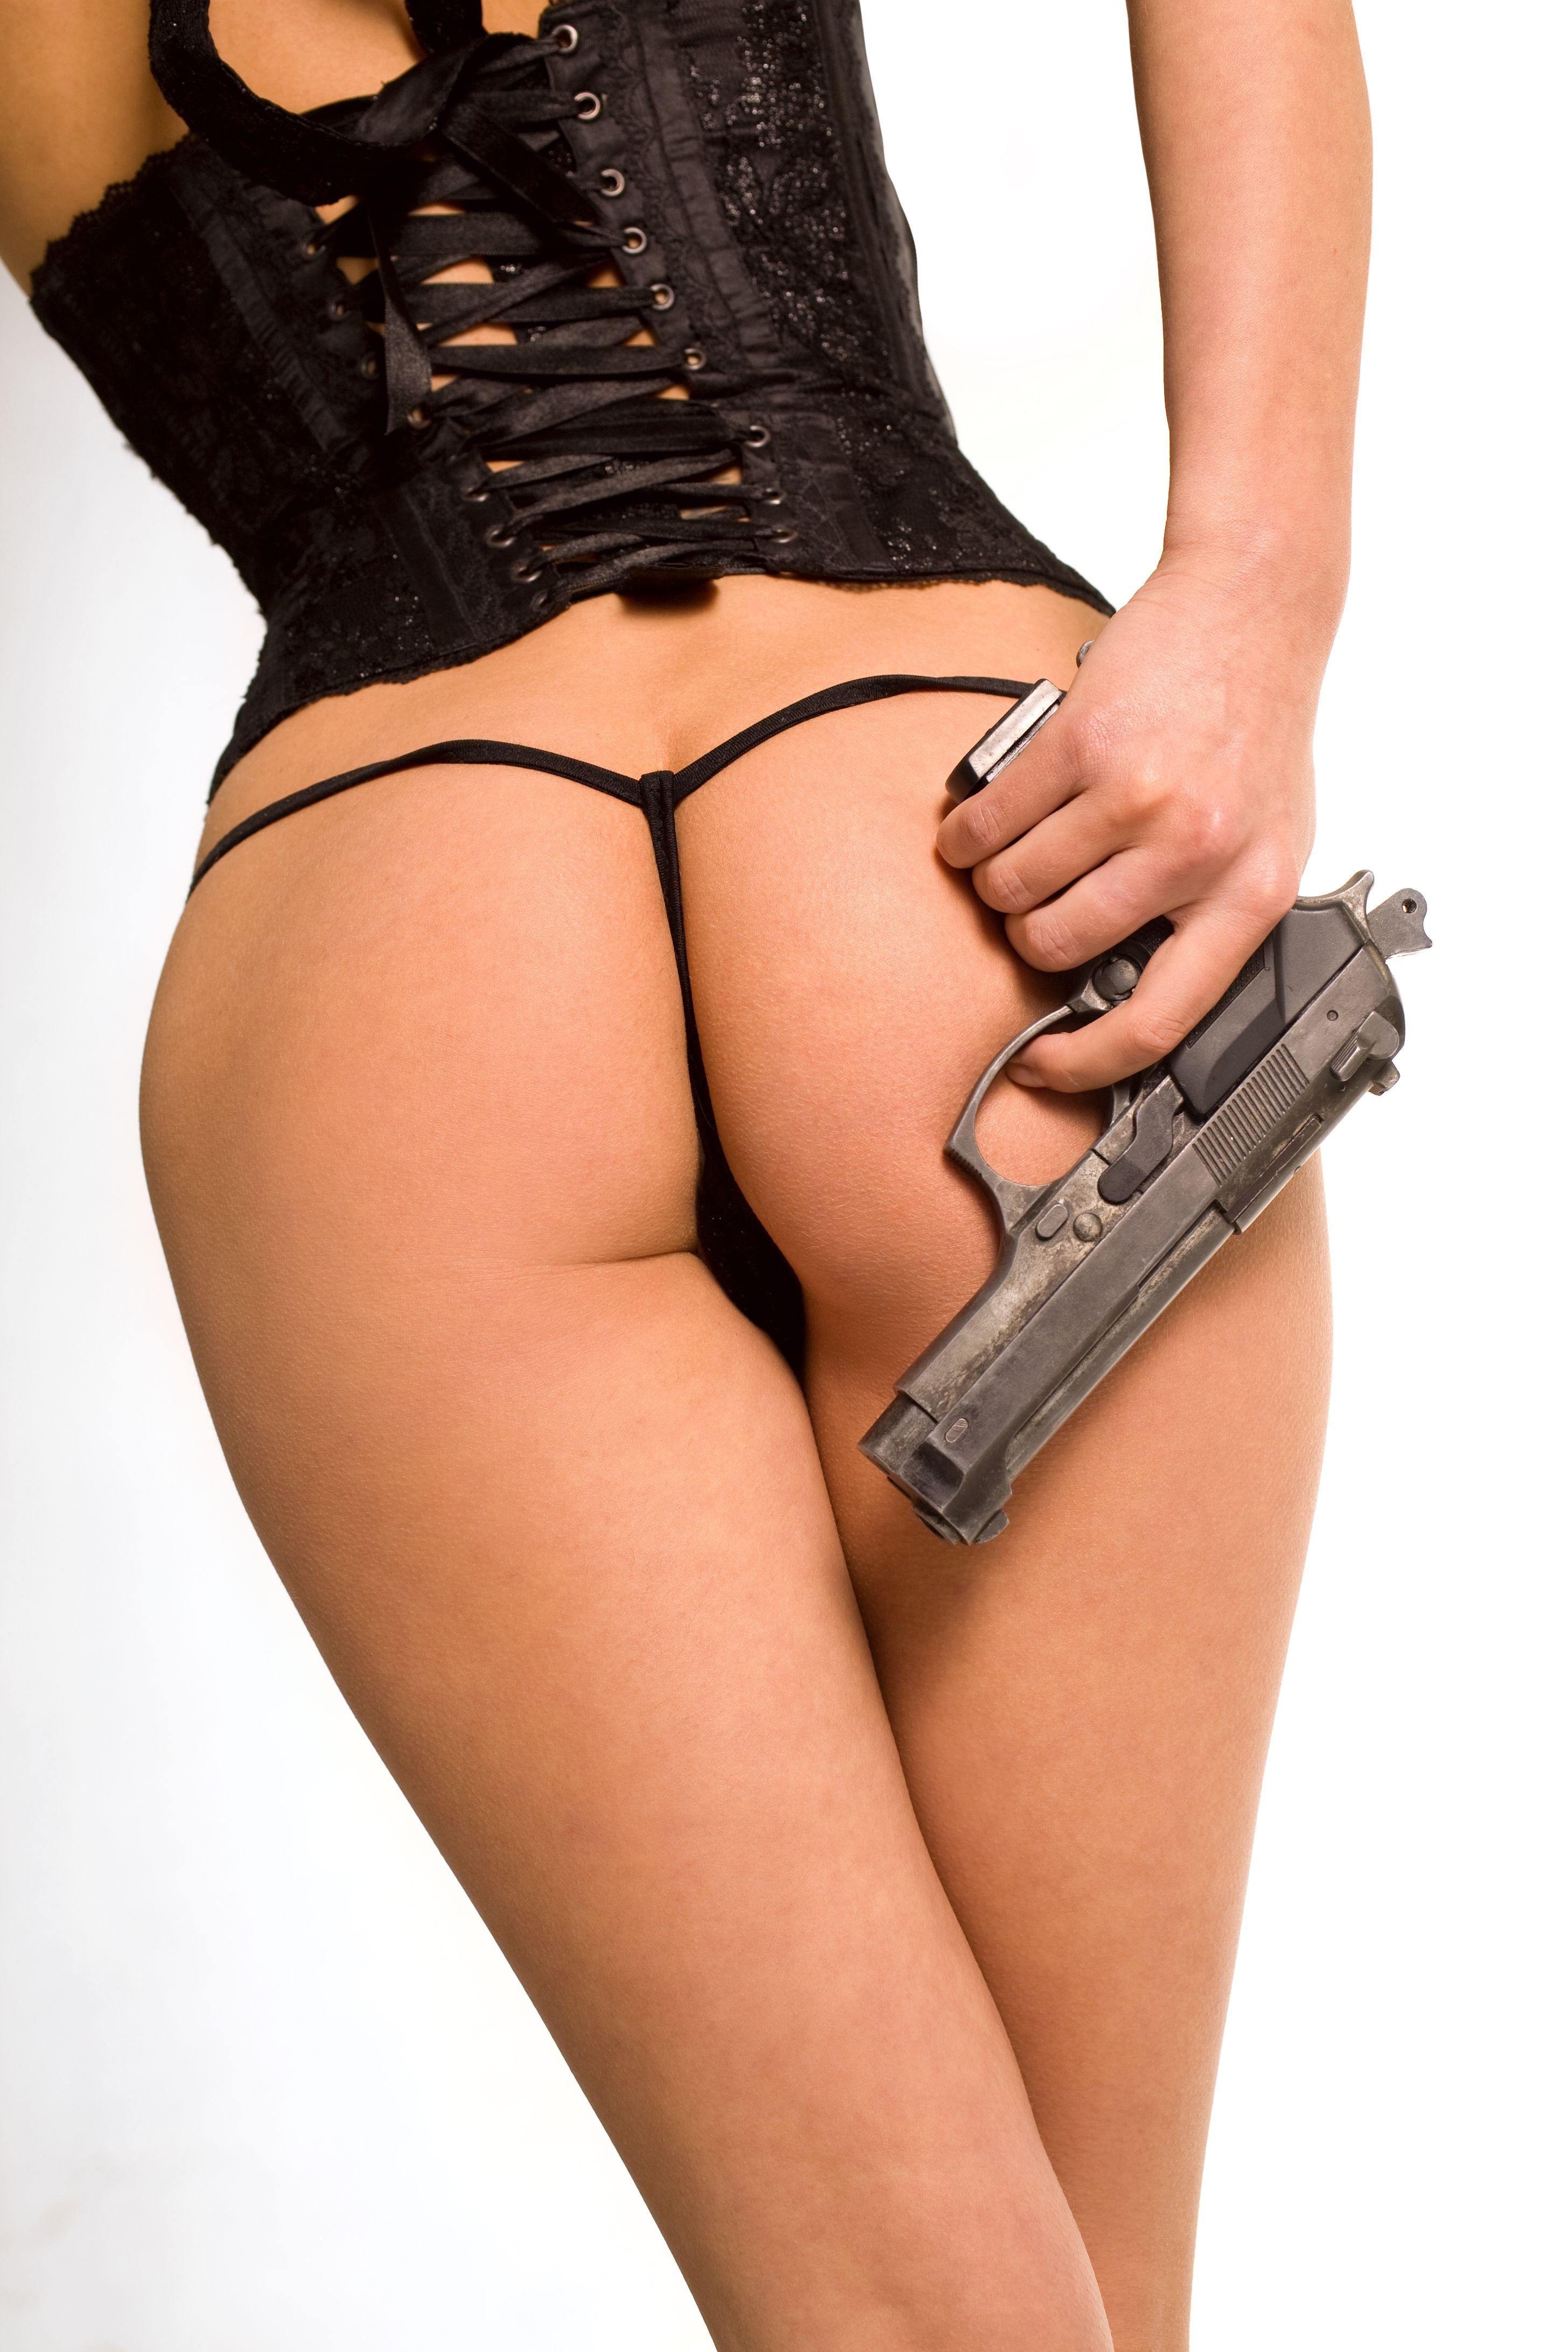 from Conner gun loving women naked